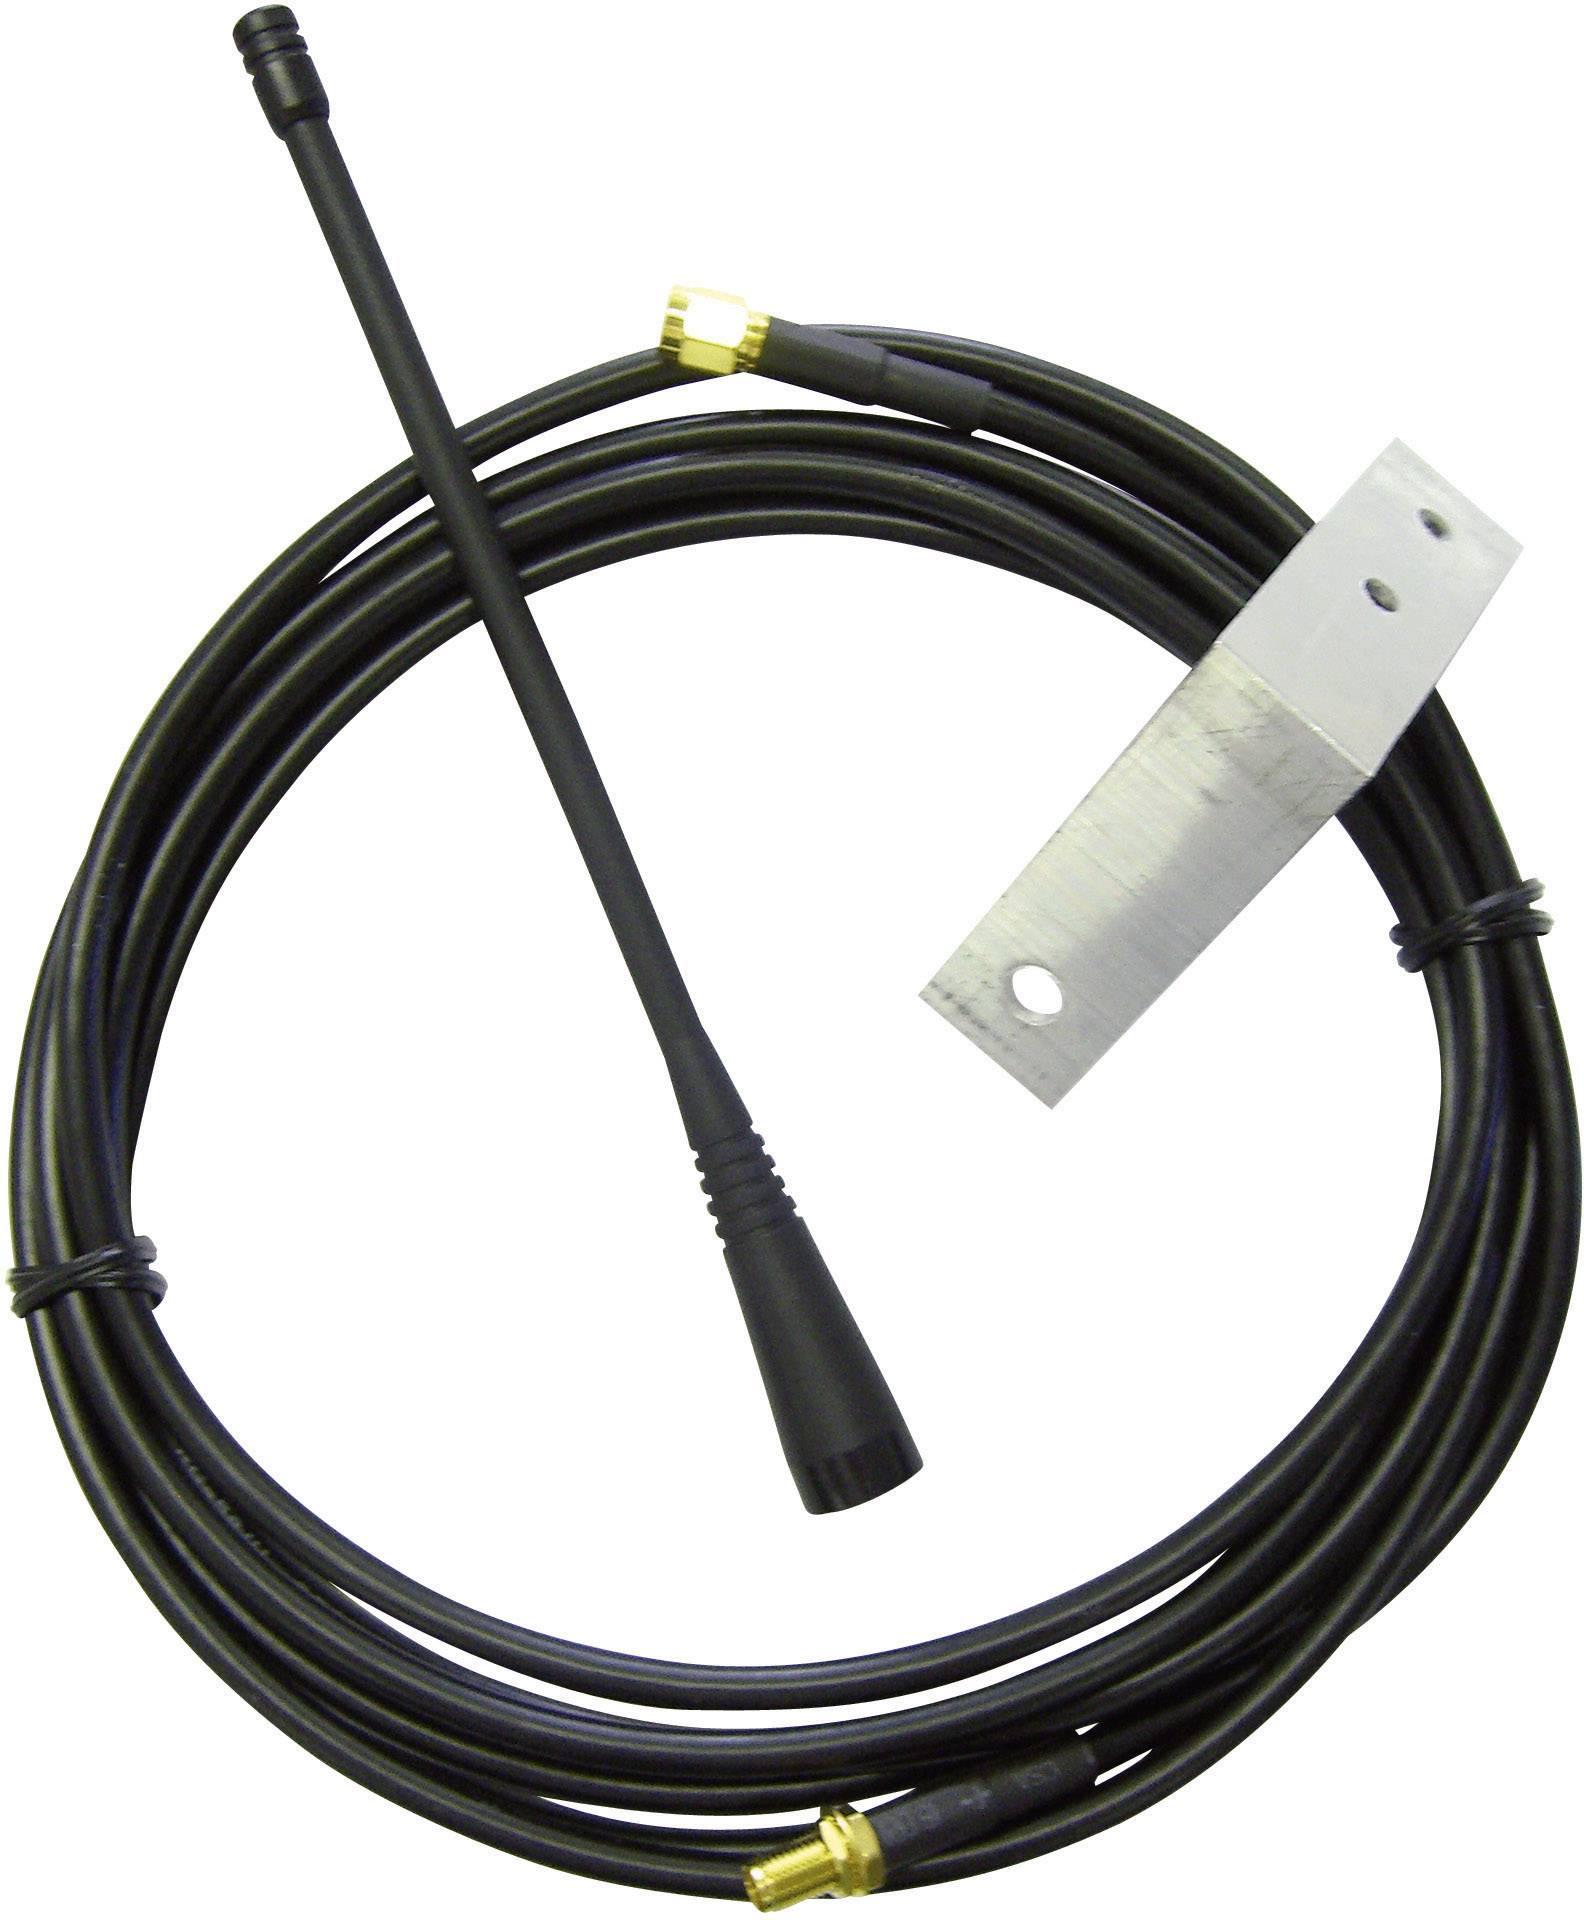 Anténa TRL Funksysteme 60803 vč. vedení, pro bezdrátový modul IRIS